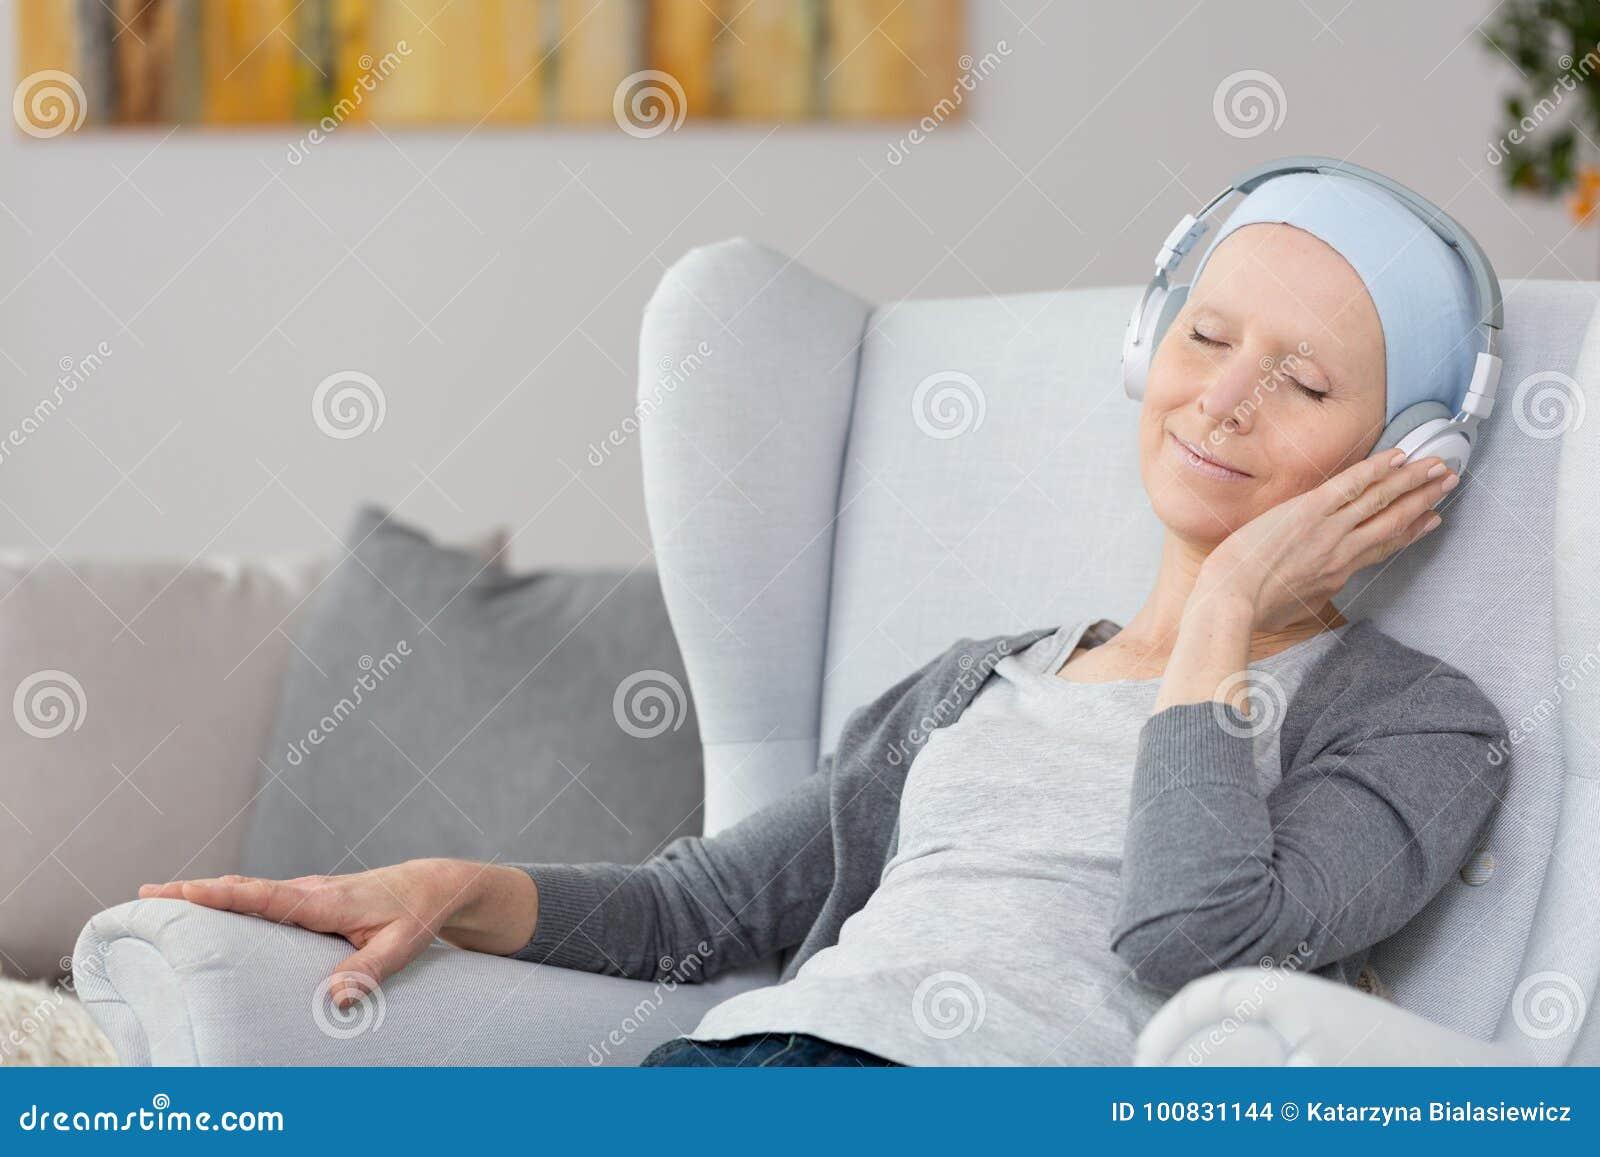 Vrouw met kanker in leunstoel